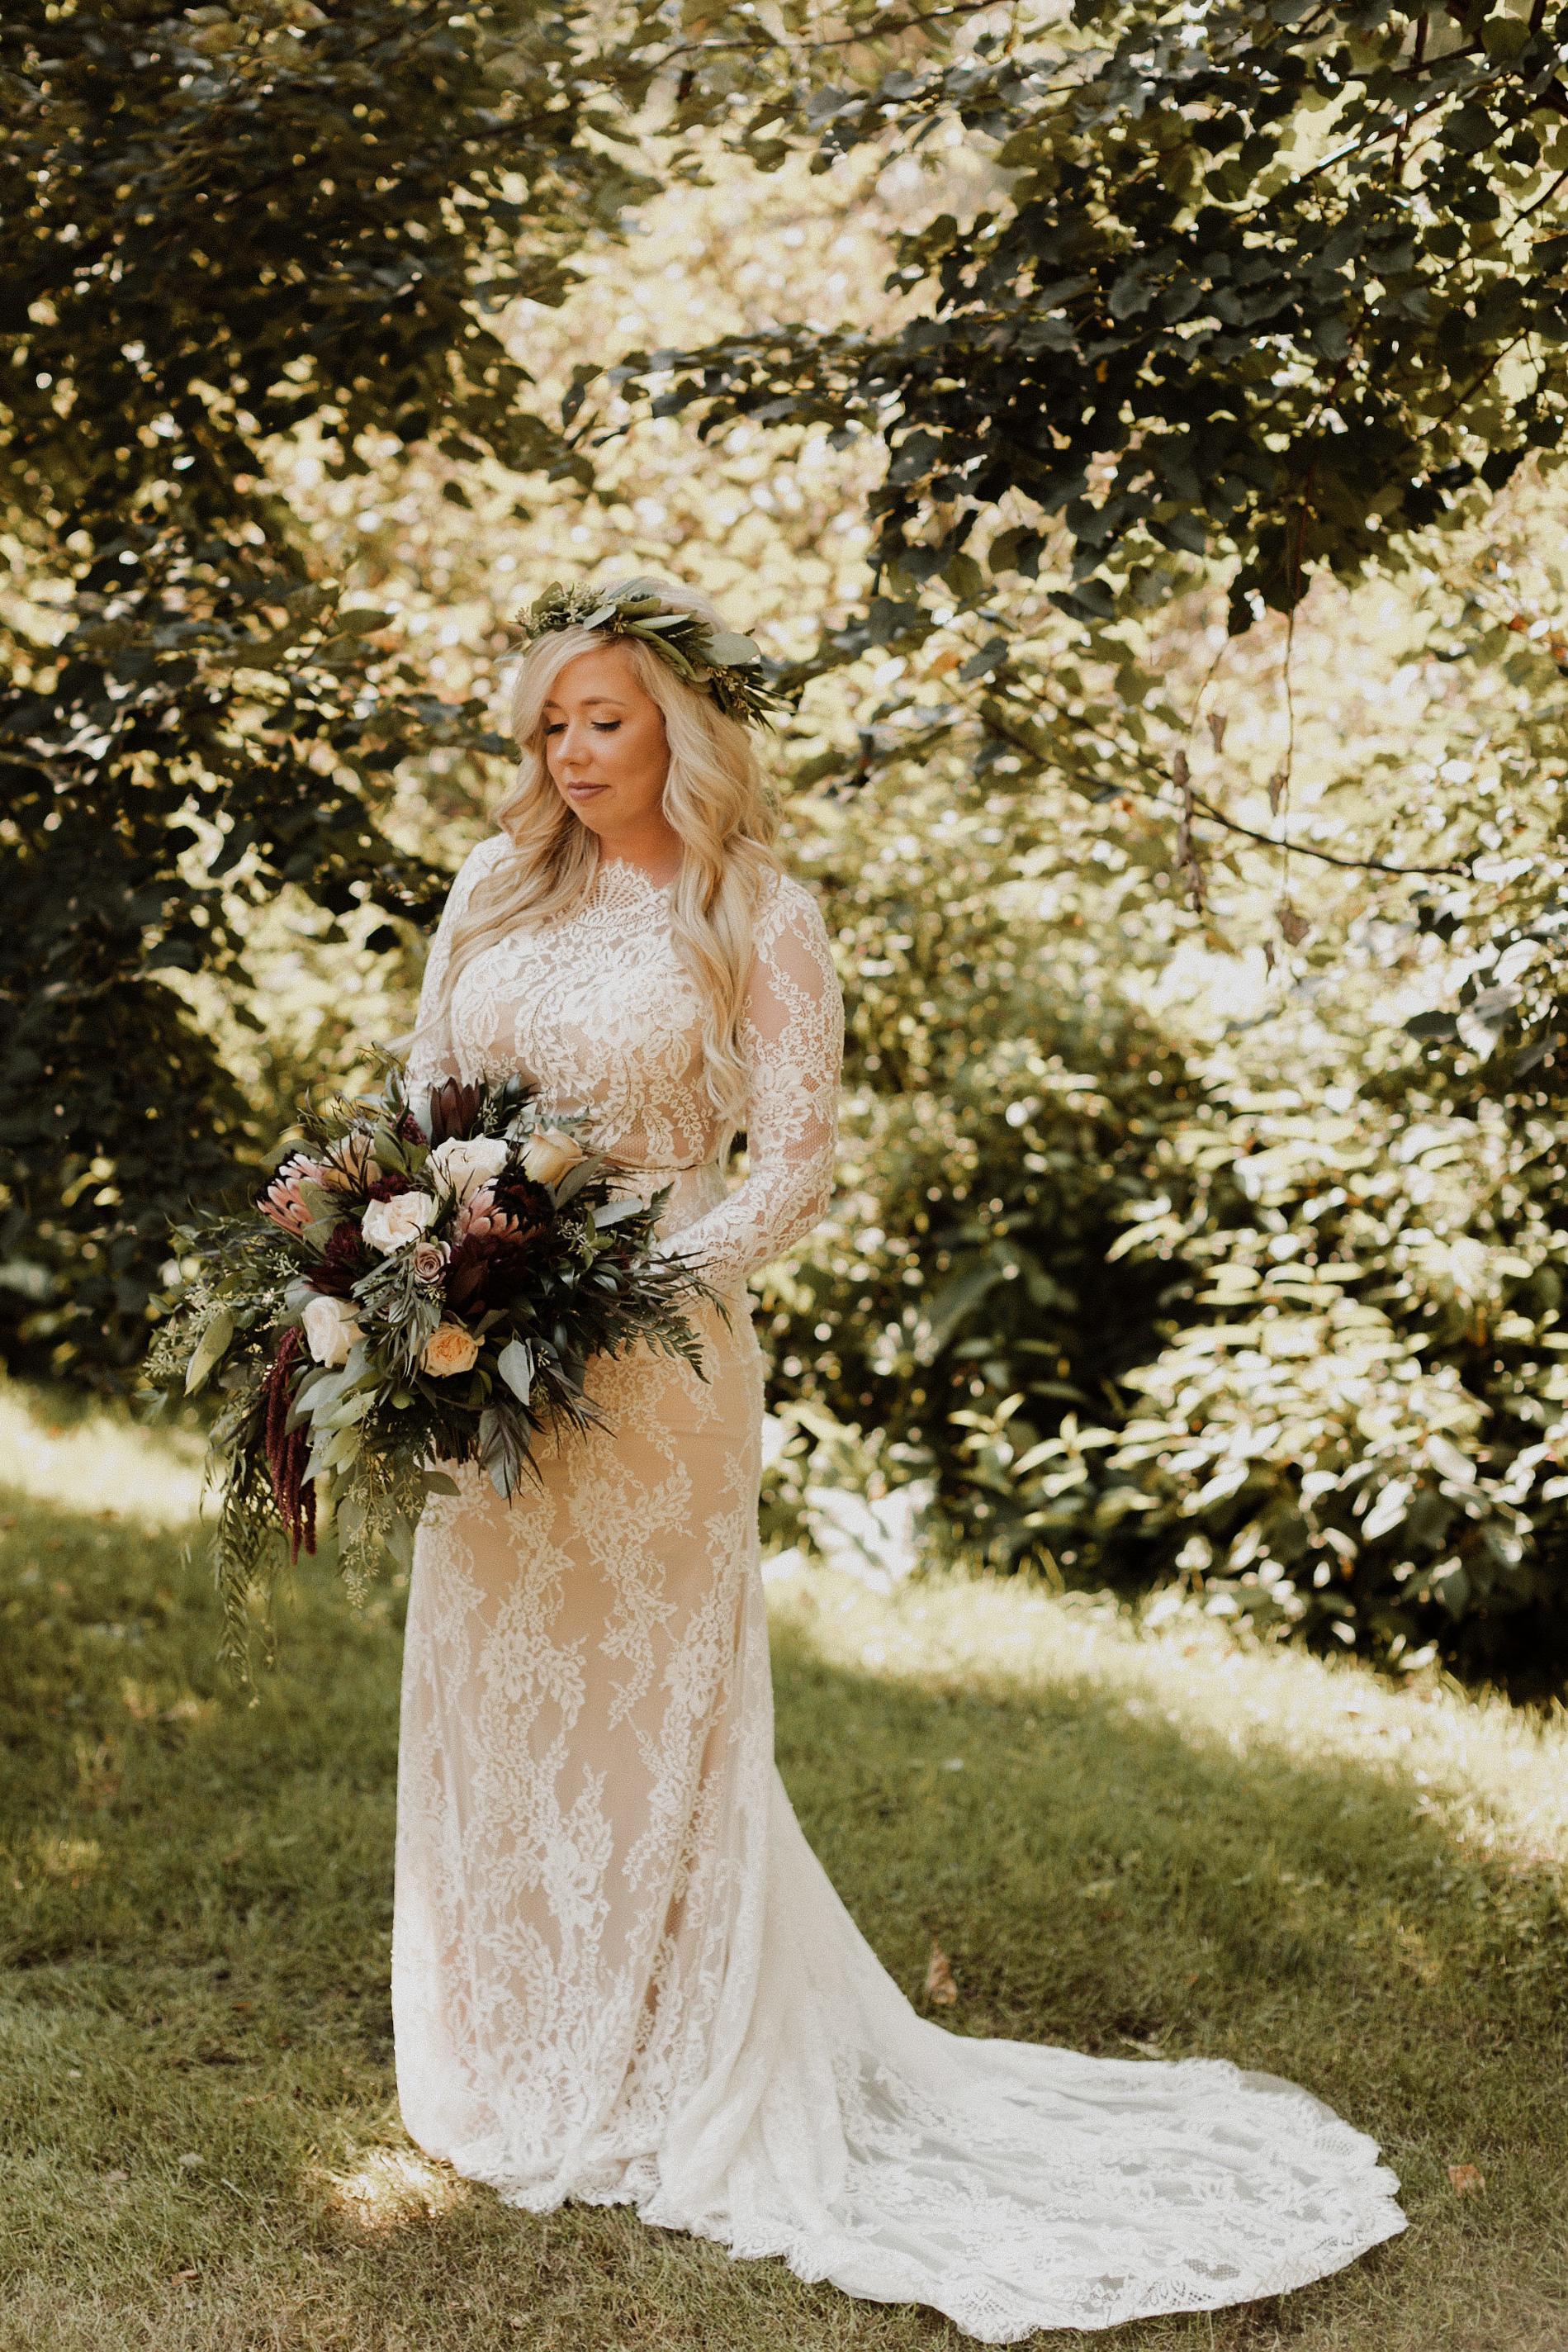 Skylar+Brock_Wedding_TonyaHjortPhotography-123.jpg